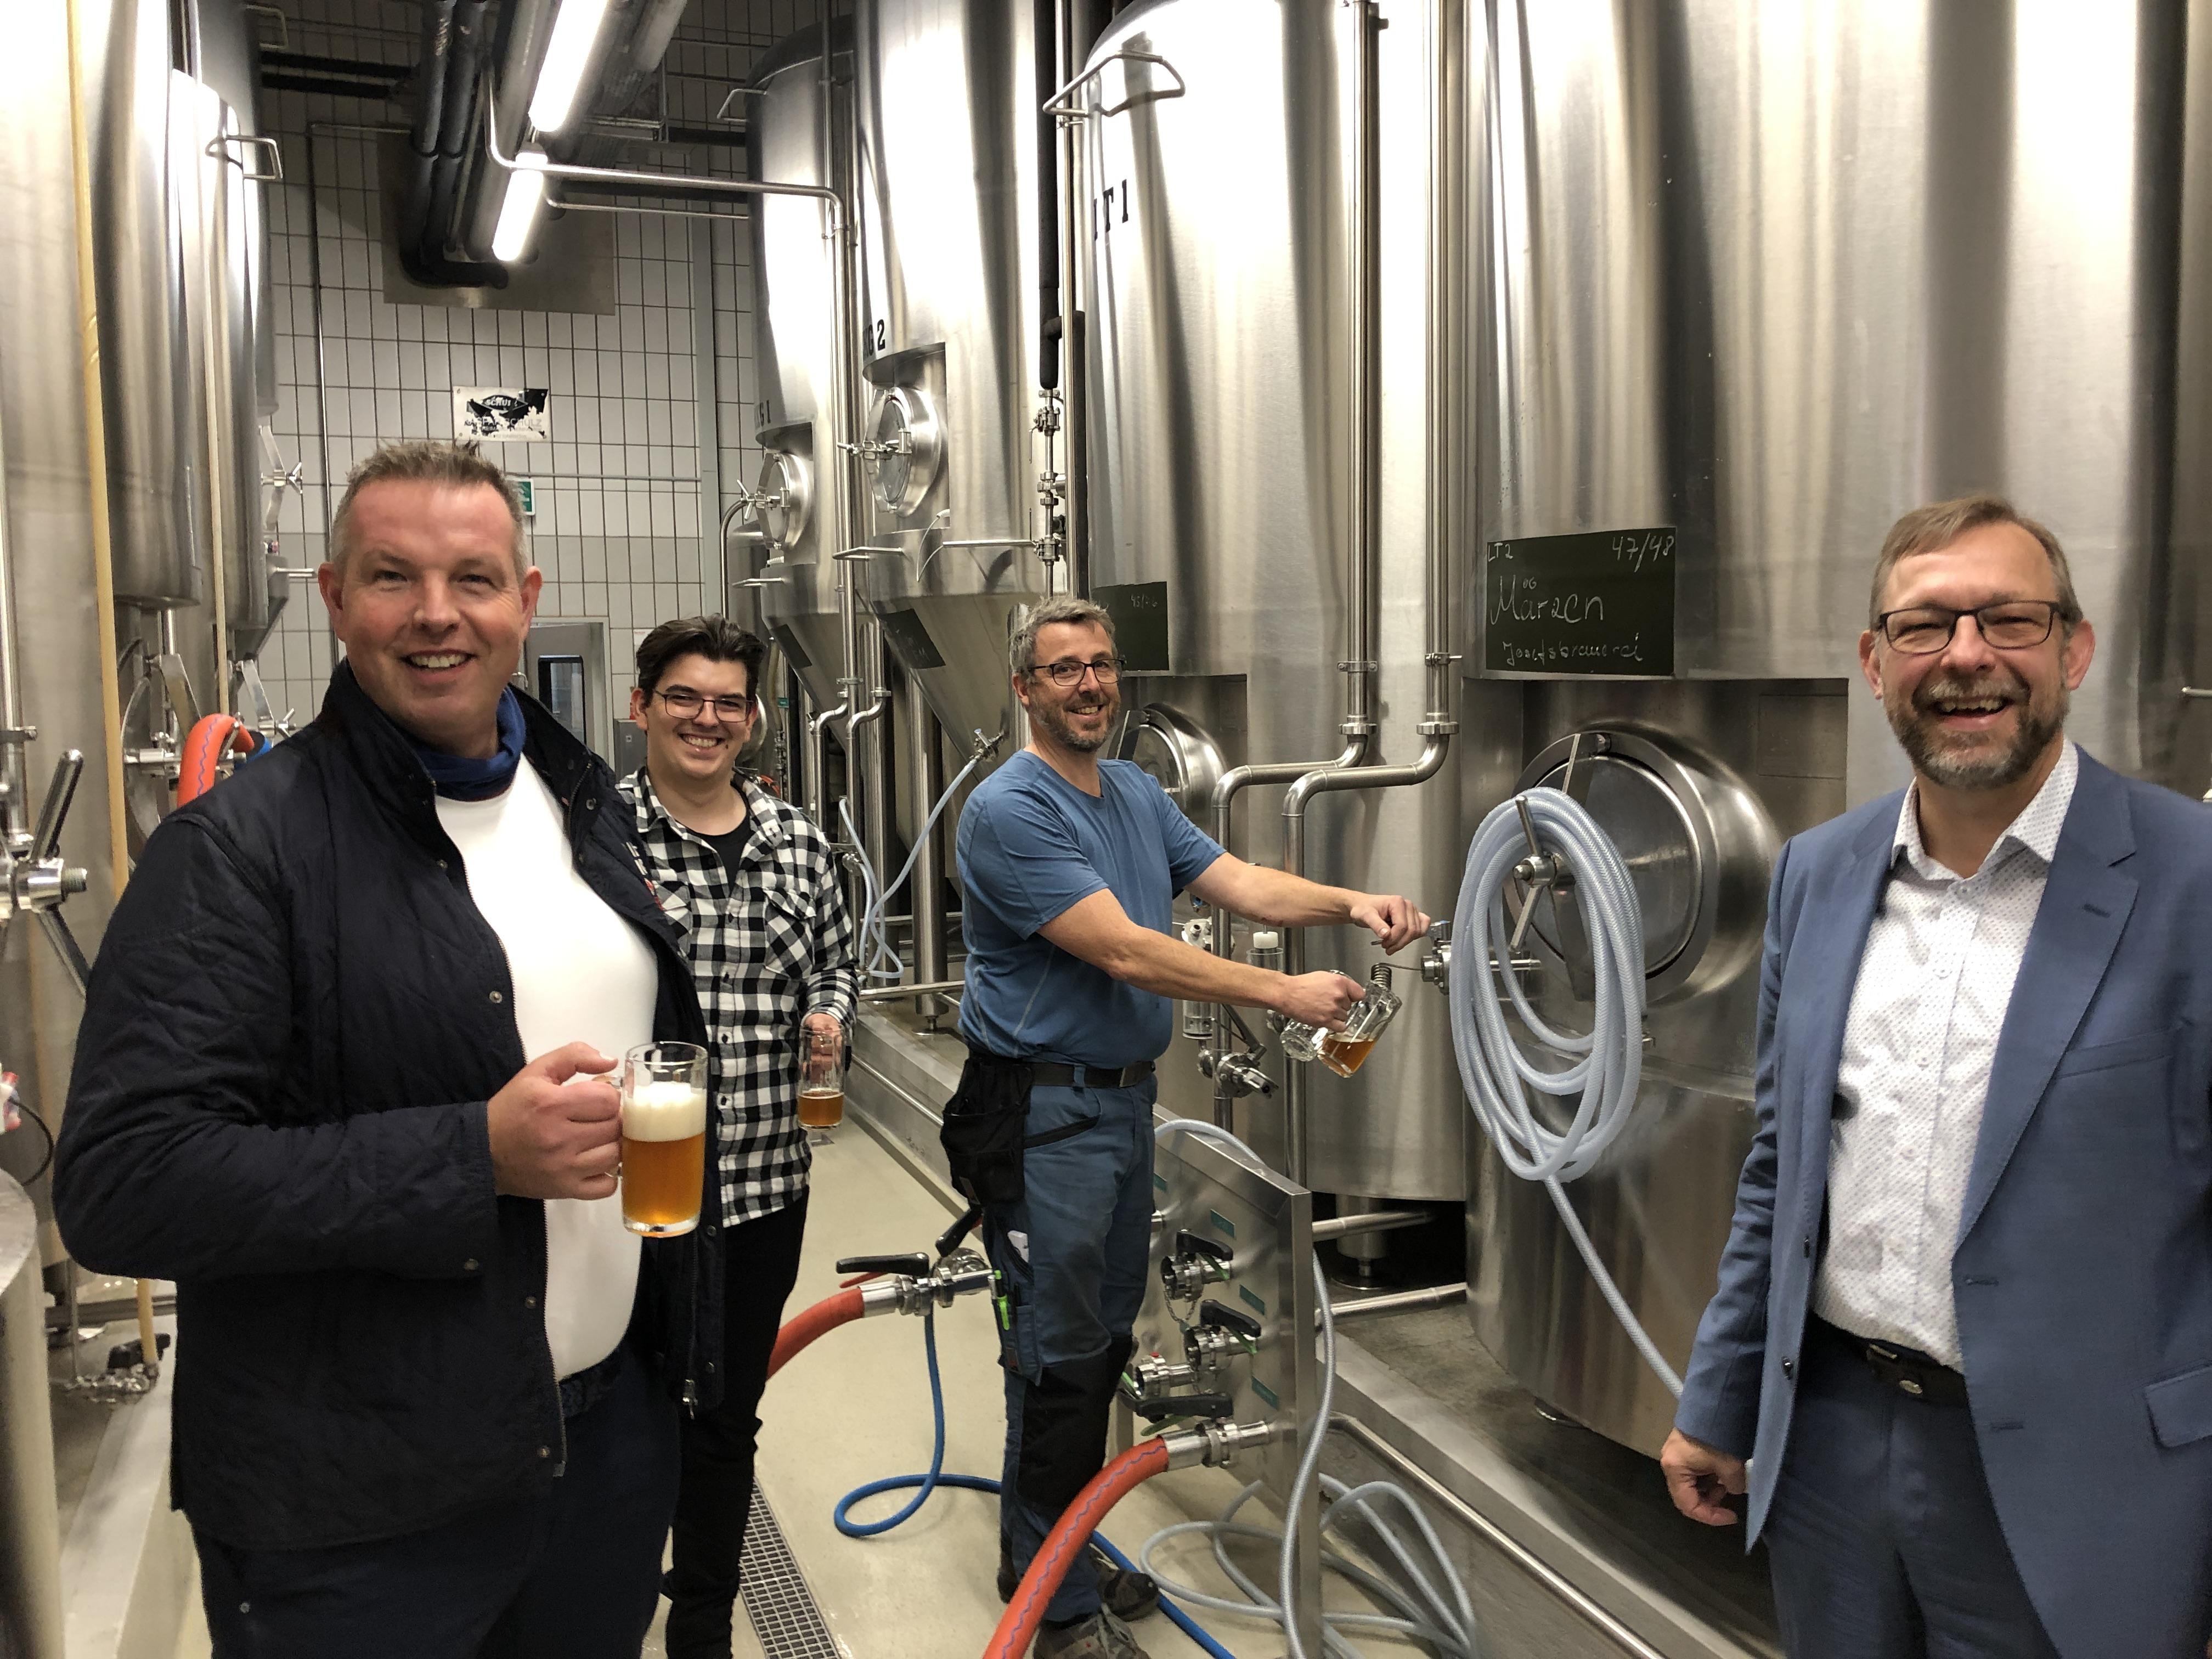 von links: Ralf Eckel, Nils Gütthof (JOSEFS-Braumeister) sowie Guido Hentze, neue Mitinhaber der JOSEFS-Brauerei und Gerhard Freund, Geschäftsführer des Josefsheim Bigge stoßen mit einem frischen Märzen auf die Zusammenarbeit an.